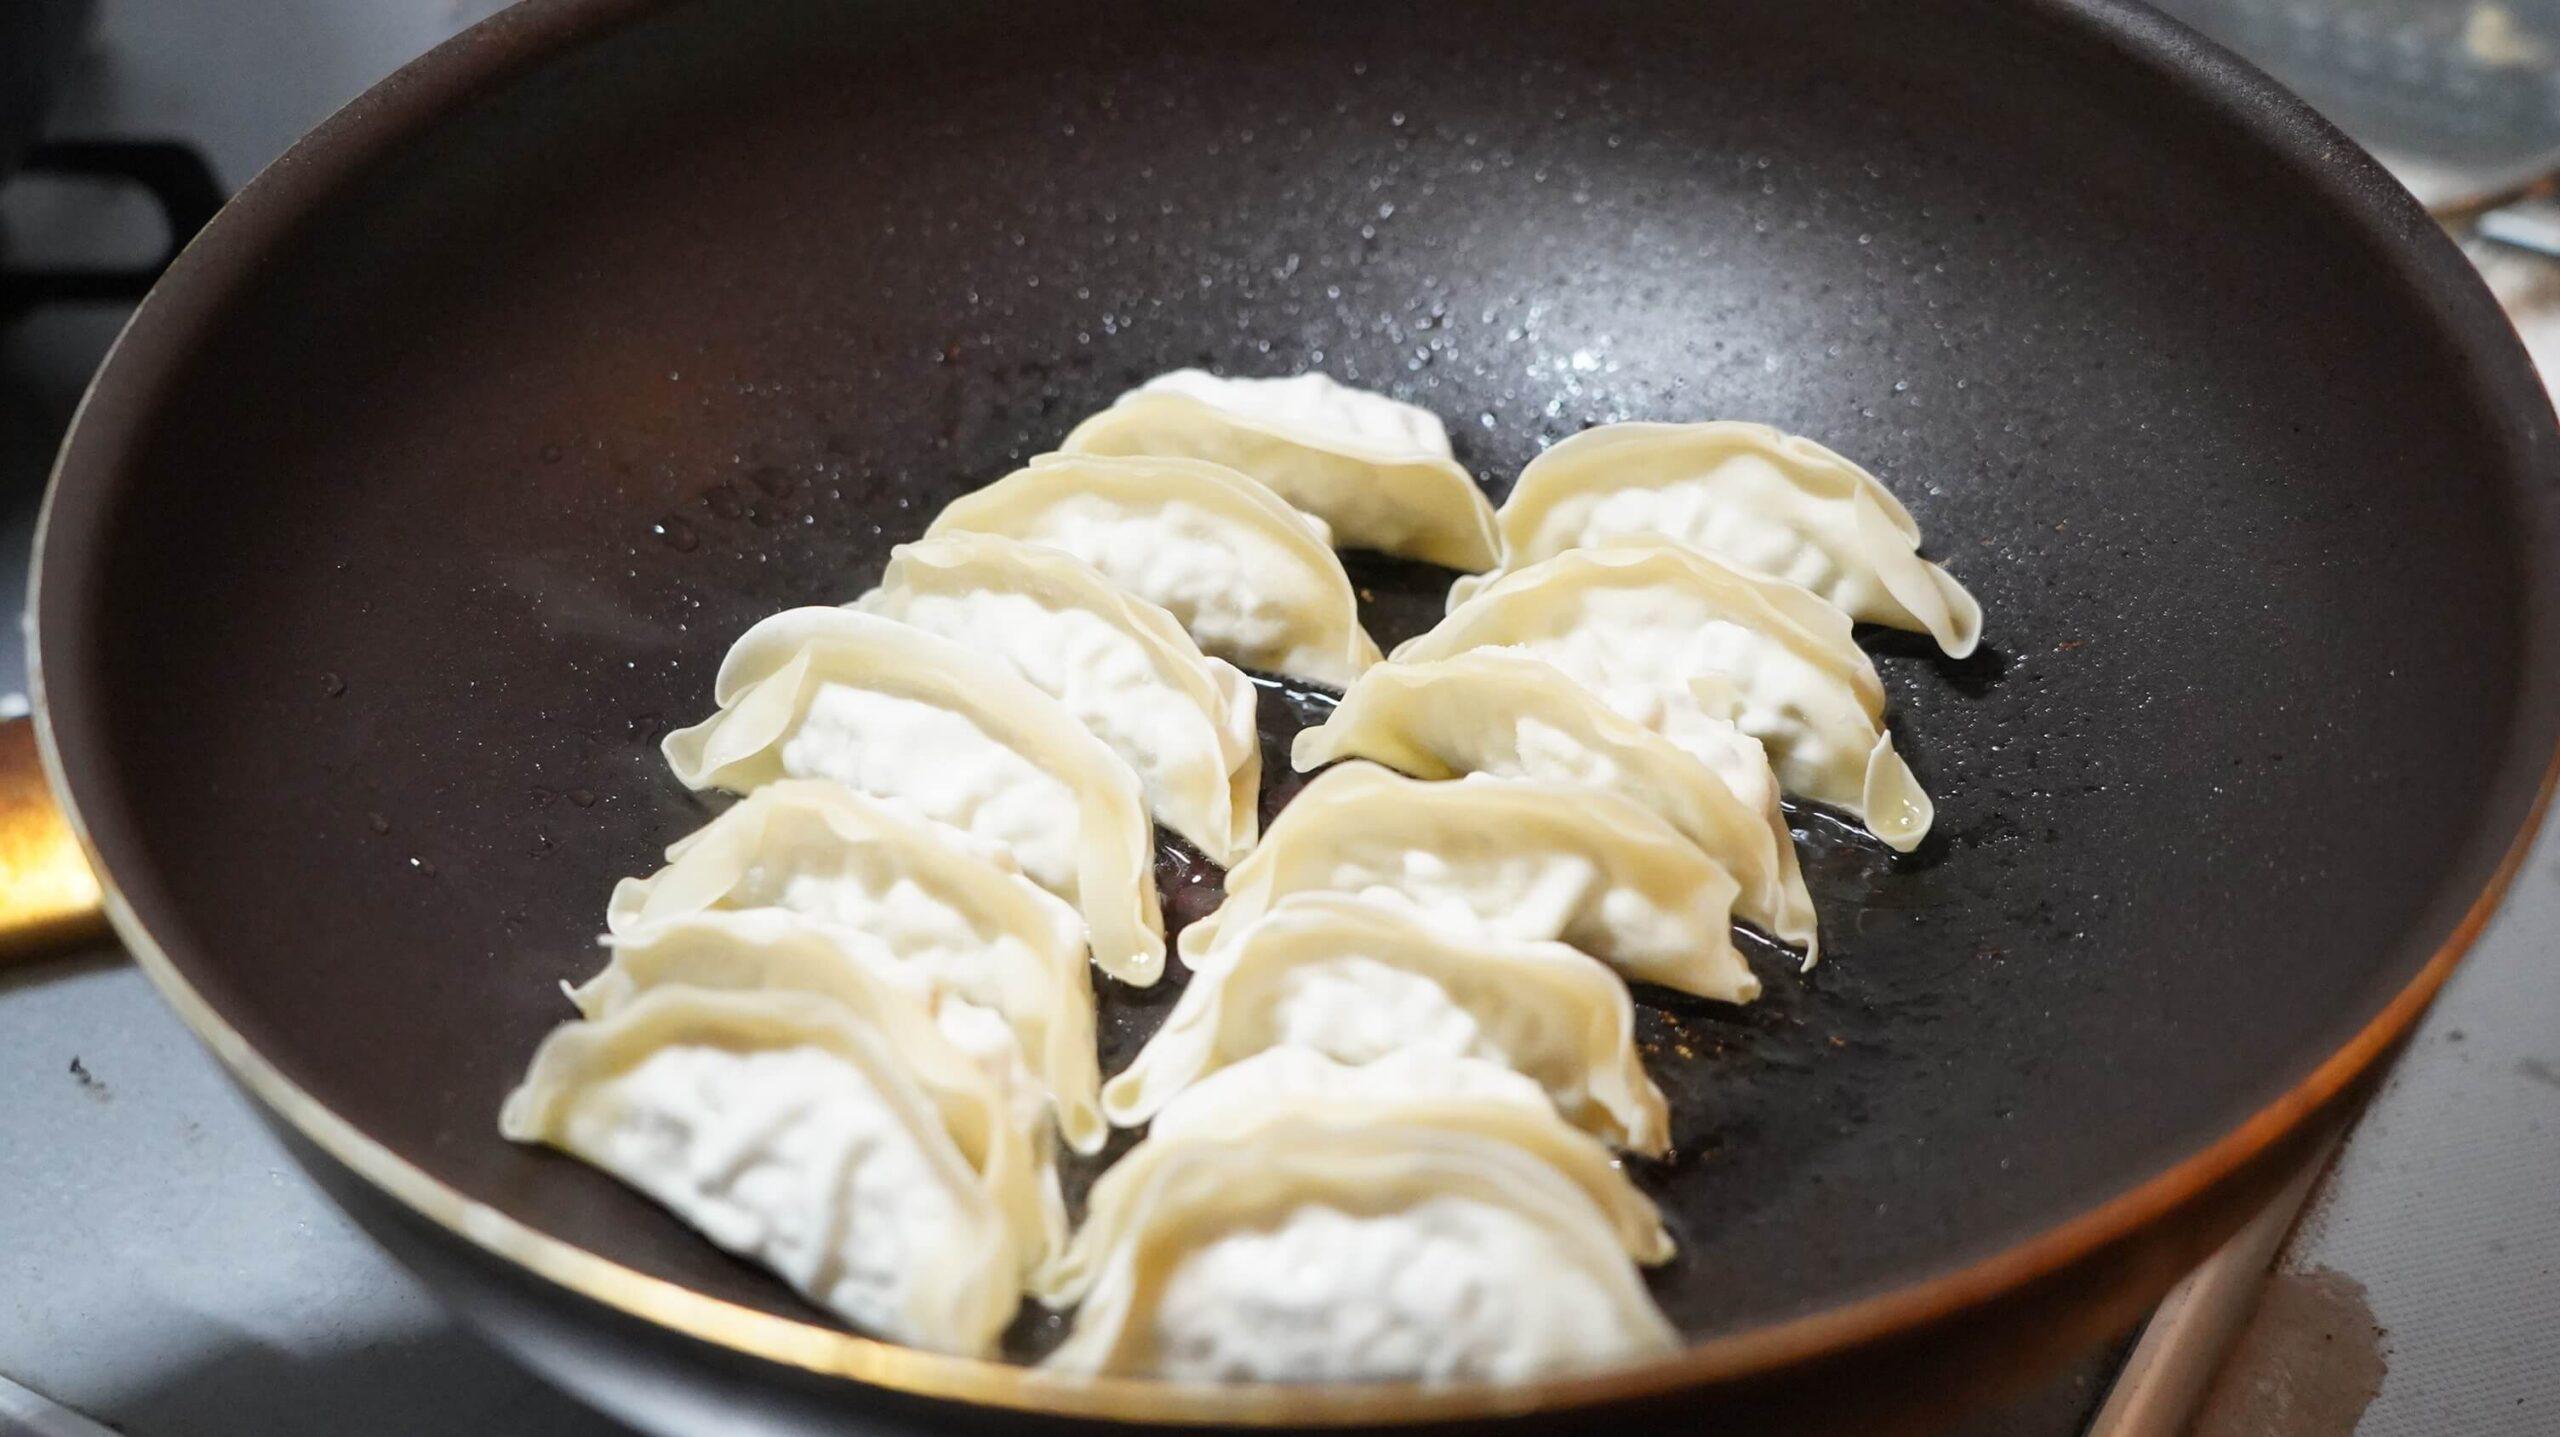 生協宅配限定の冷凍餃子「香港ギョーザ」をフライパンで焼いている写真